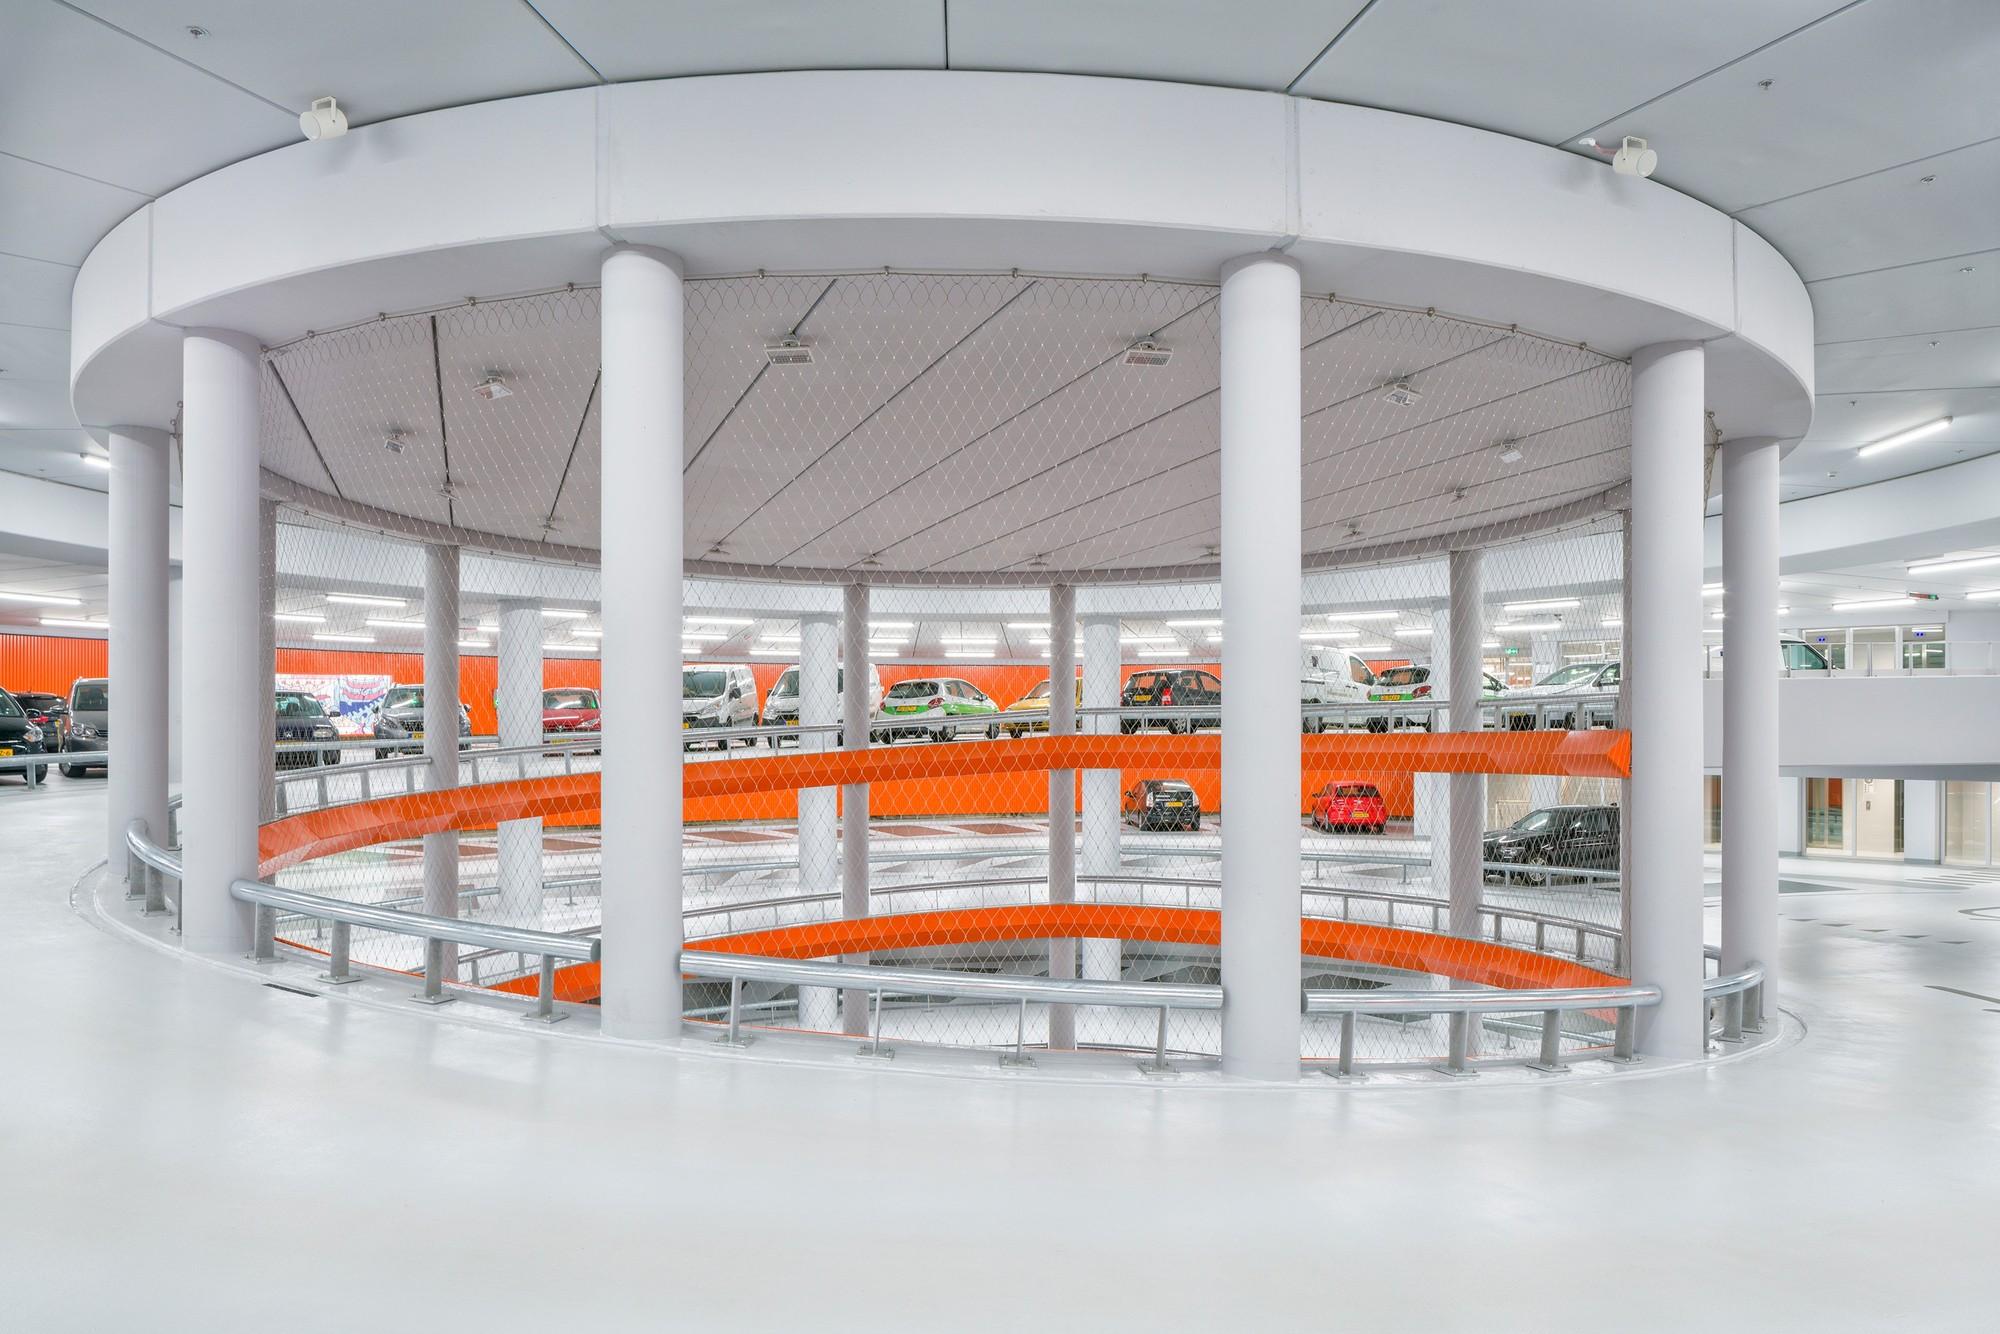 Gallery of Lammermarkt Parking Garage  JHK Architecten  2